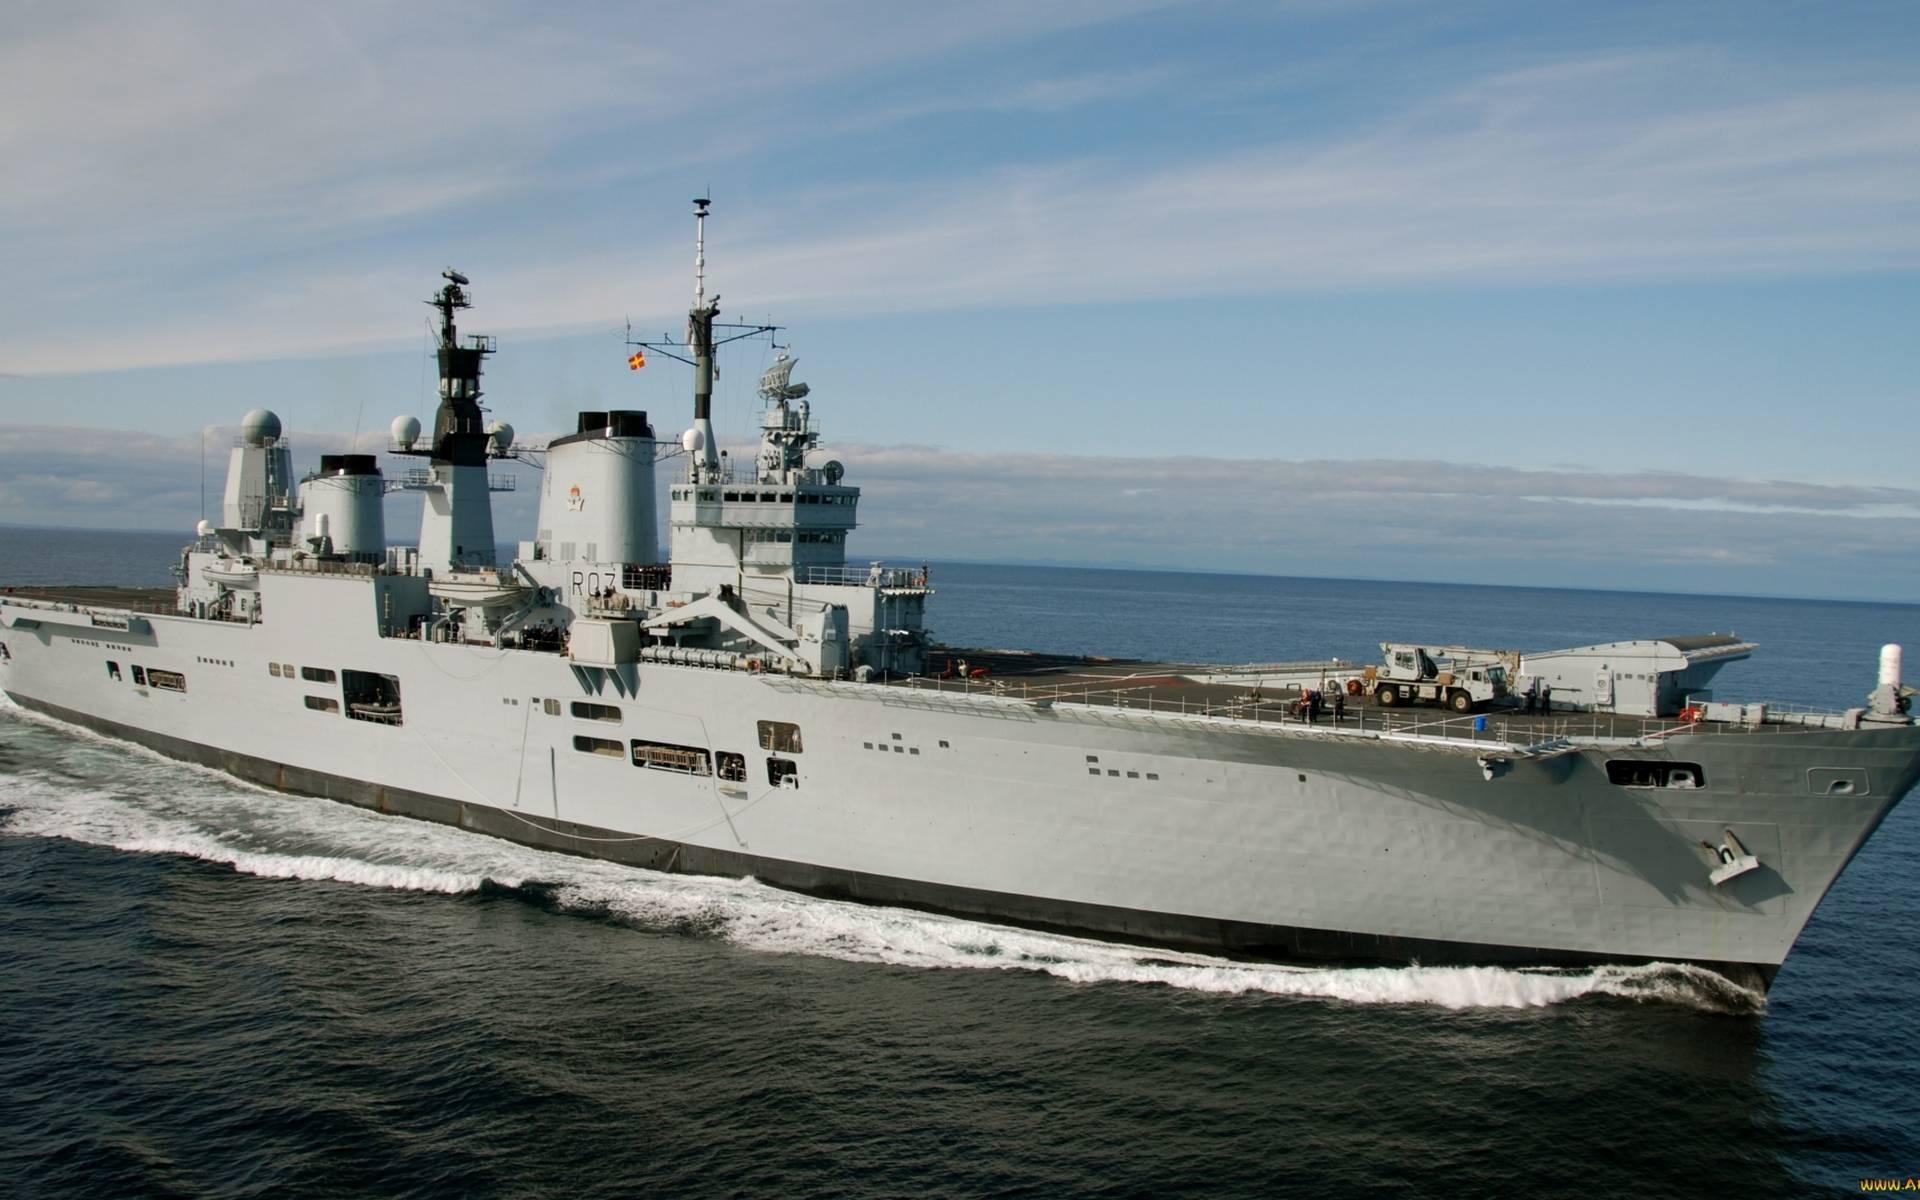 обои корабль, палуба, надстройки, техника картинки фото